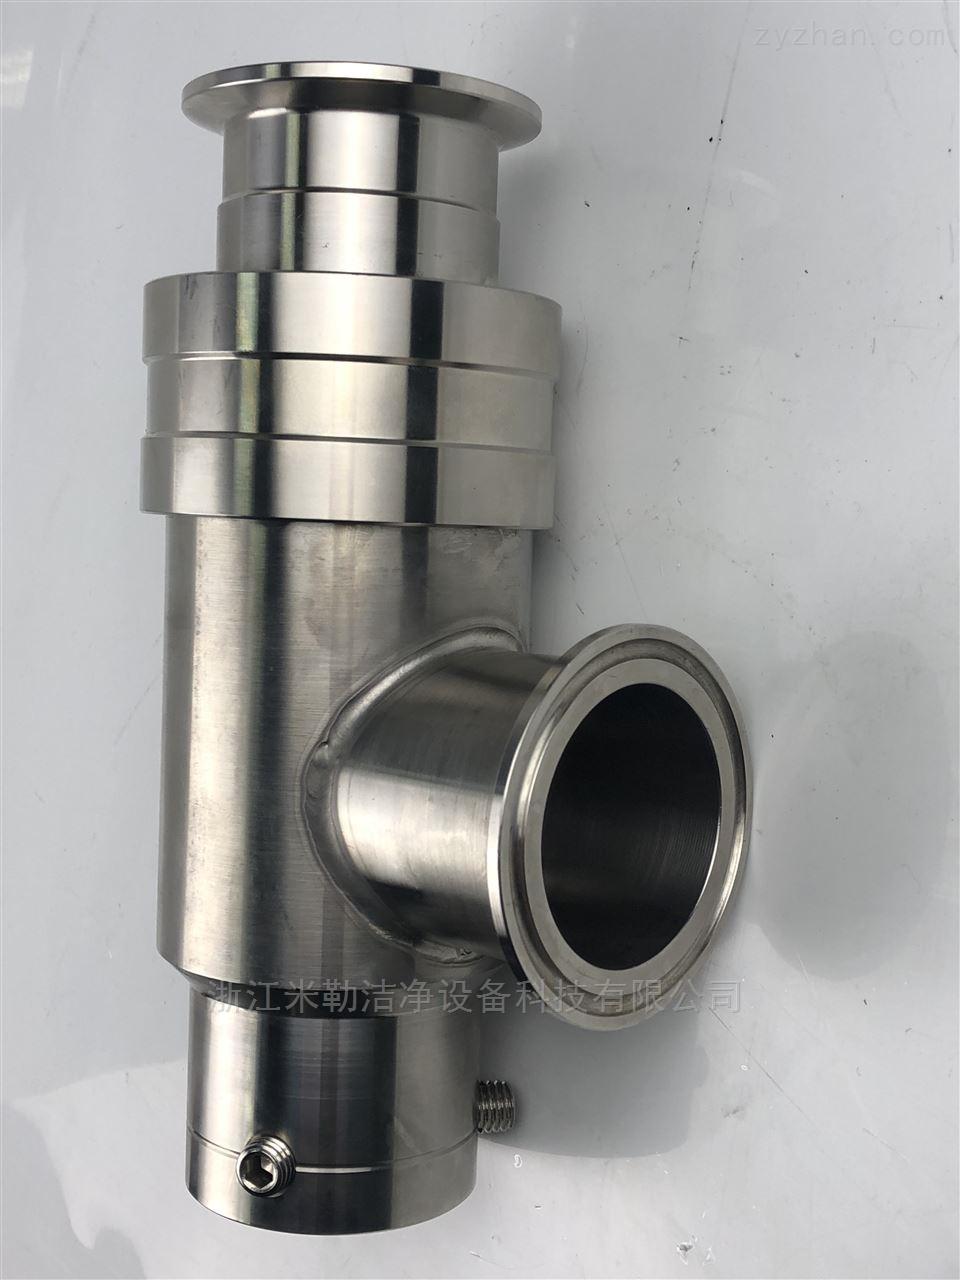 304不銹鋼提取罐旋轉出液口